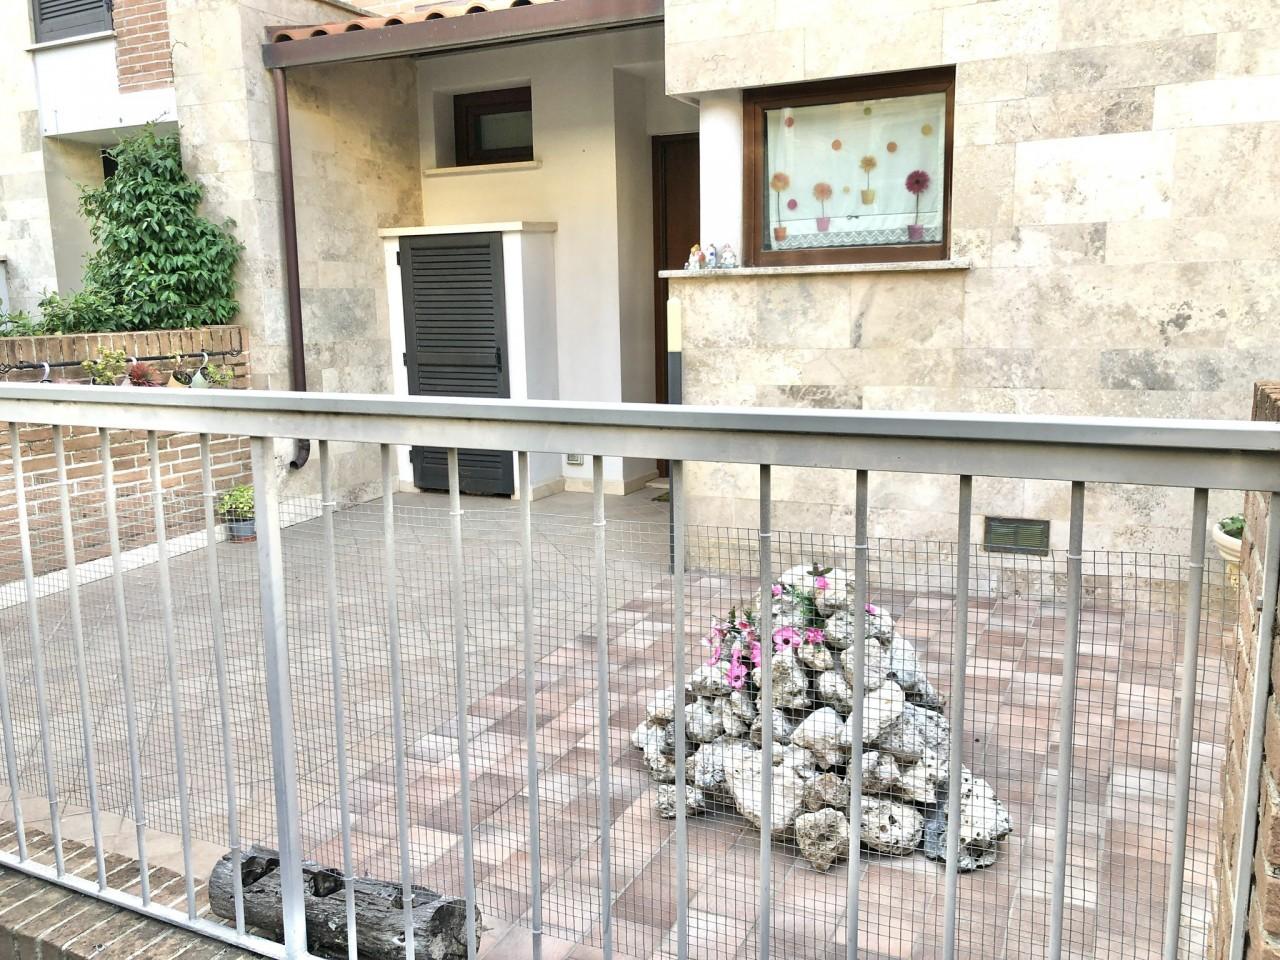 Palazzo / Stabile in affitto a Monteriggioni, 5 locali, prezzo € 850 | CambioCasa.it